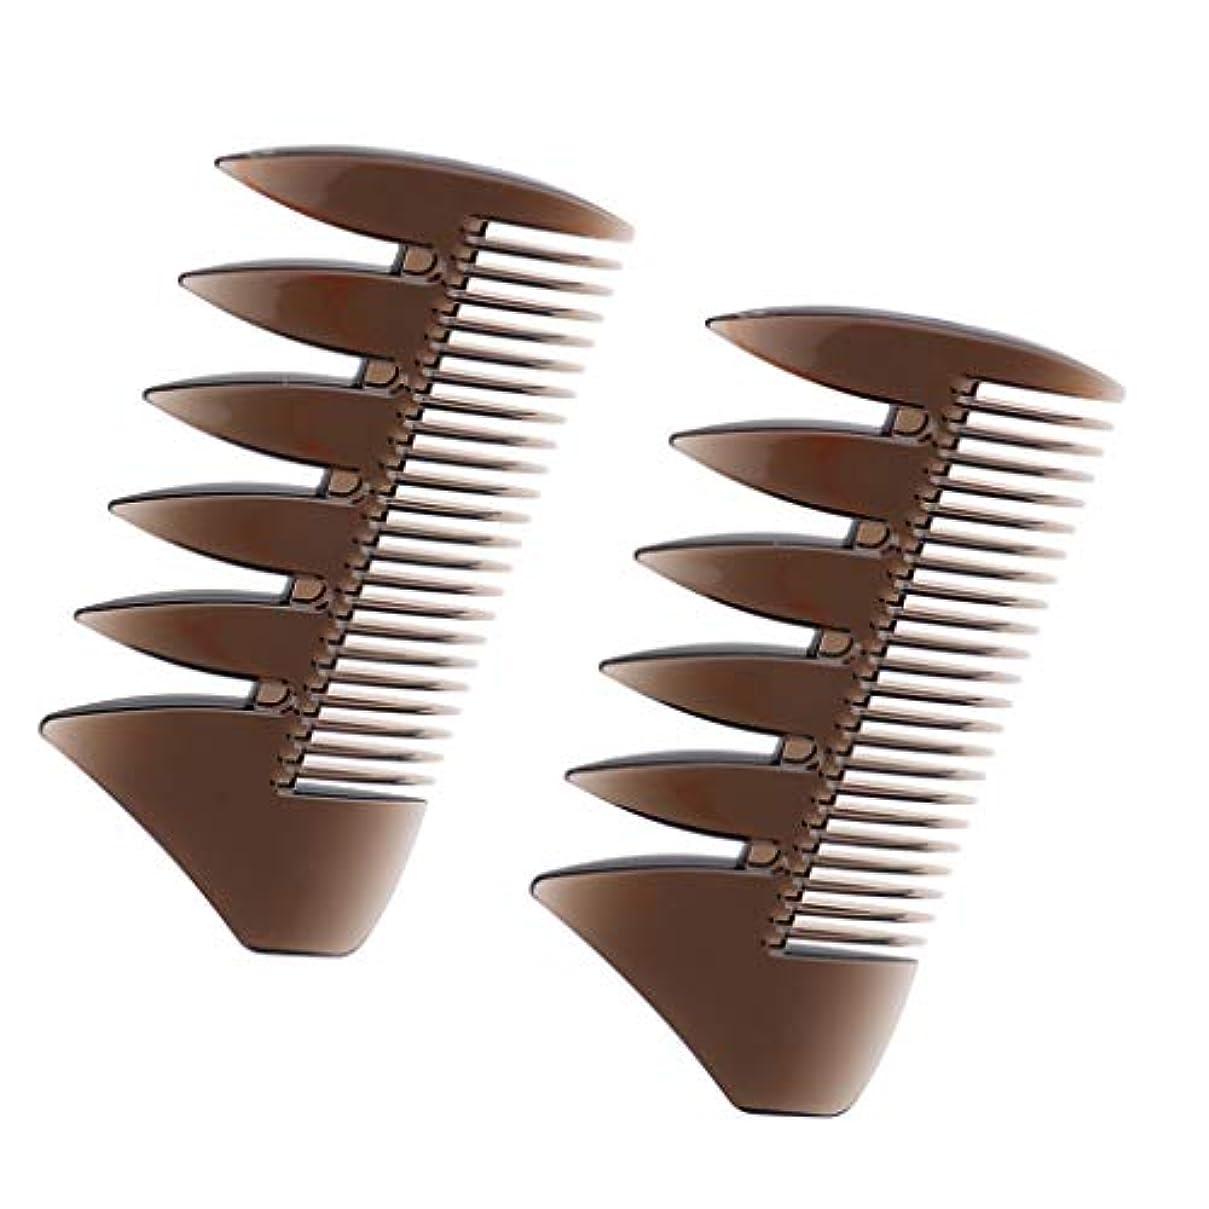 ひばり平和現実ヘアコンビ デュアルサイド メンズ 髪櫛 ヘアサロン ヘアスタイリング 散髪店/美容院専用櫛2個入